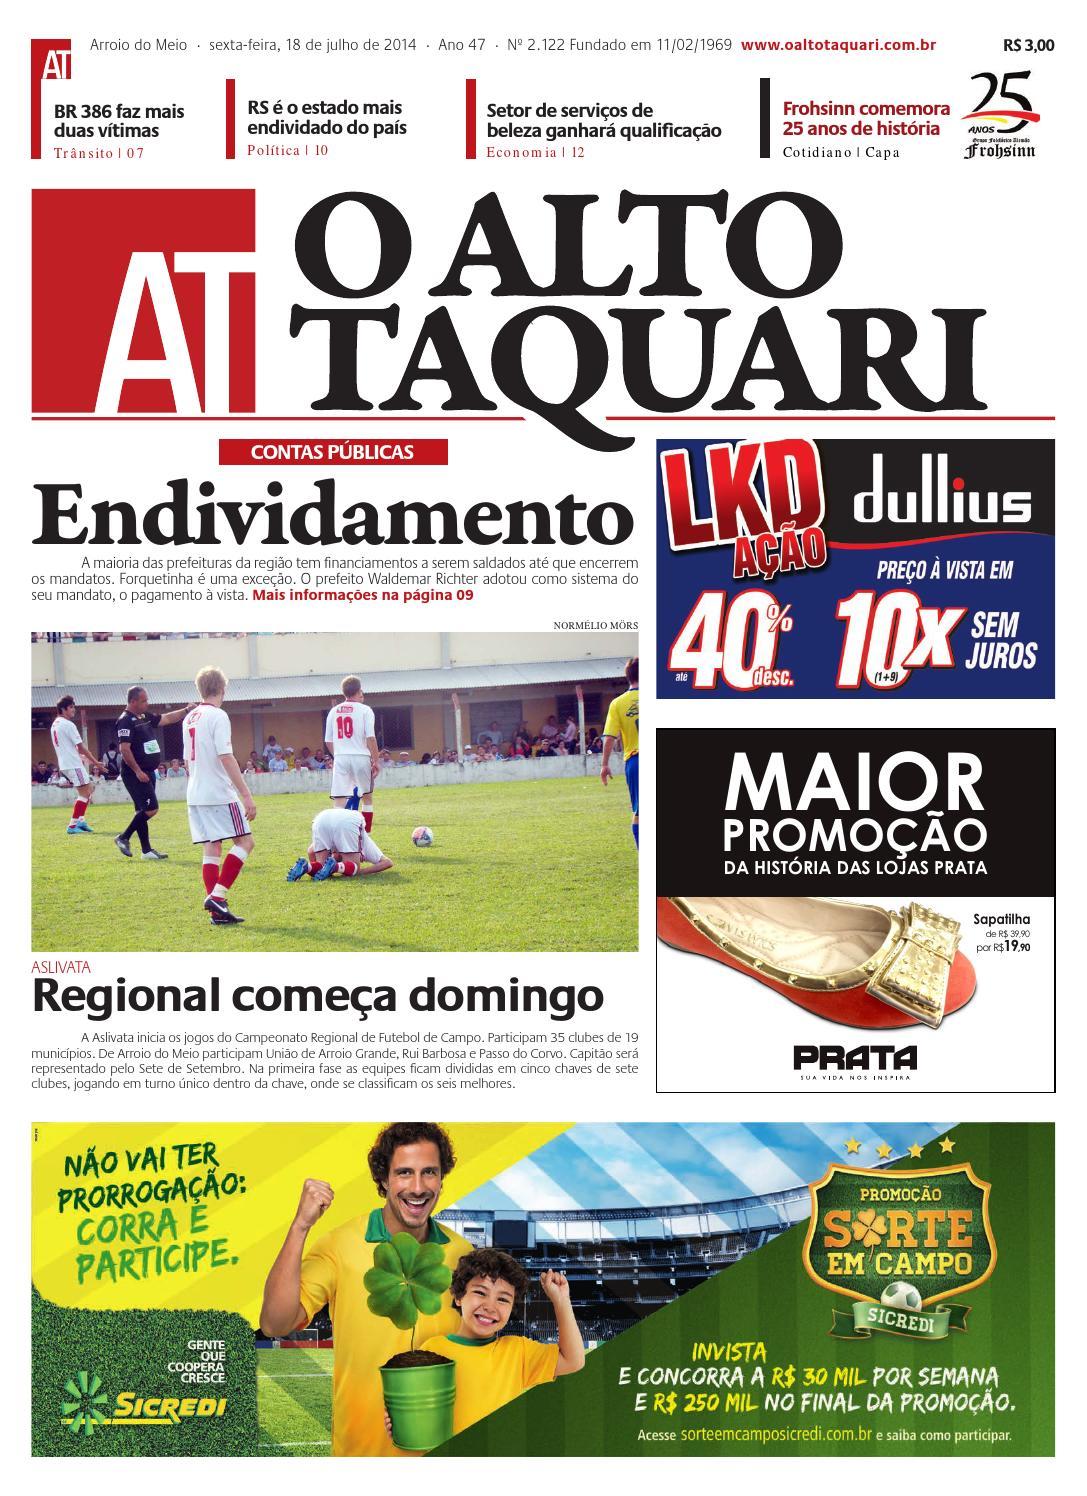 f375a85890 Jornal O Alto Taquari - 18 de julho de 2014 by Jornal O Alto Taquari - issuu